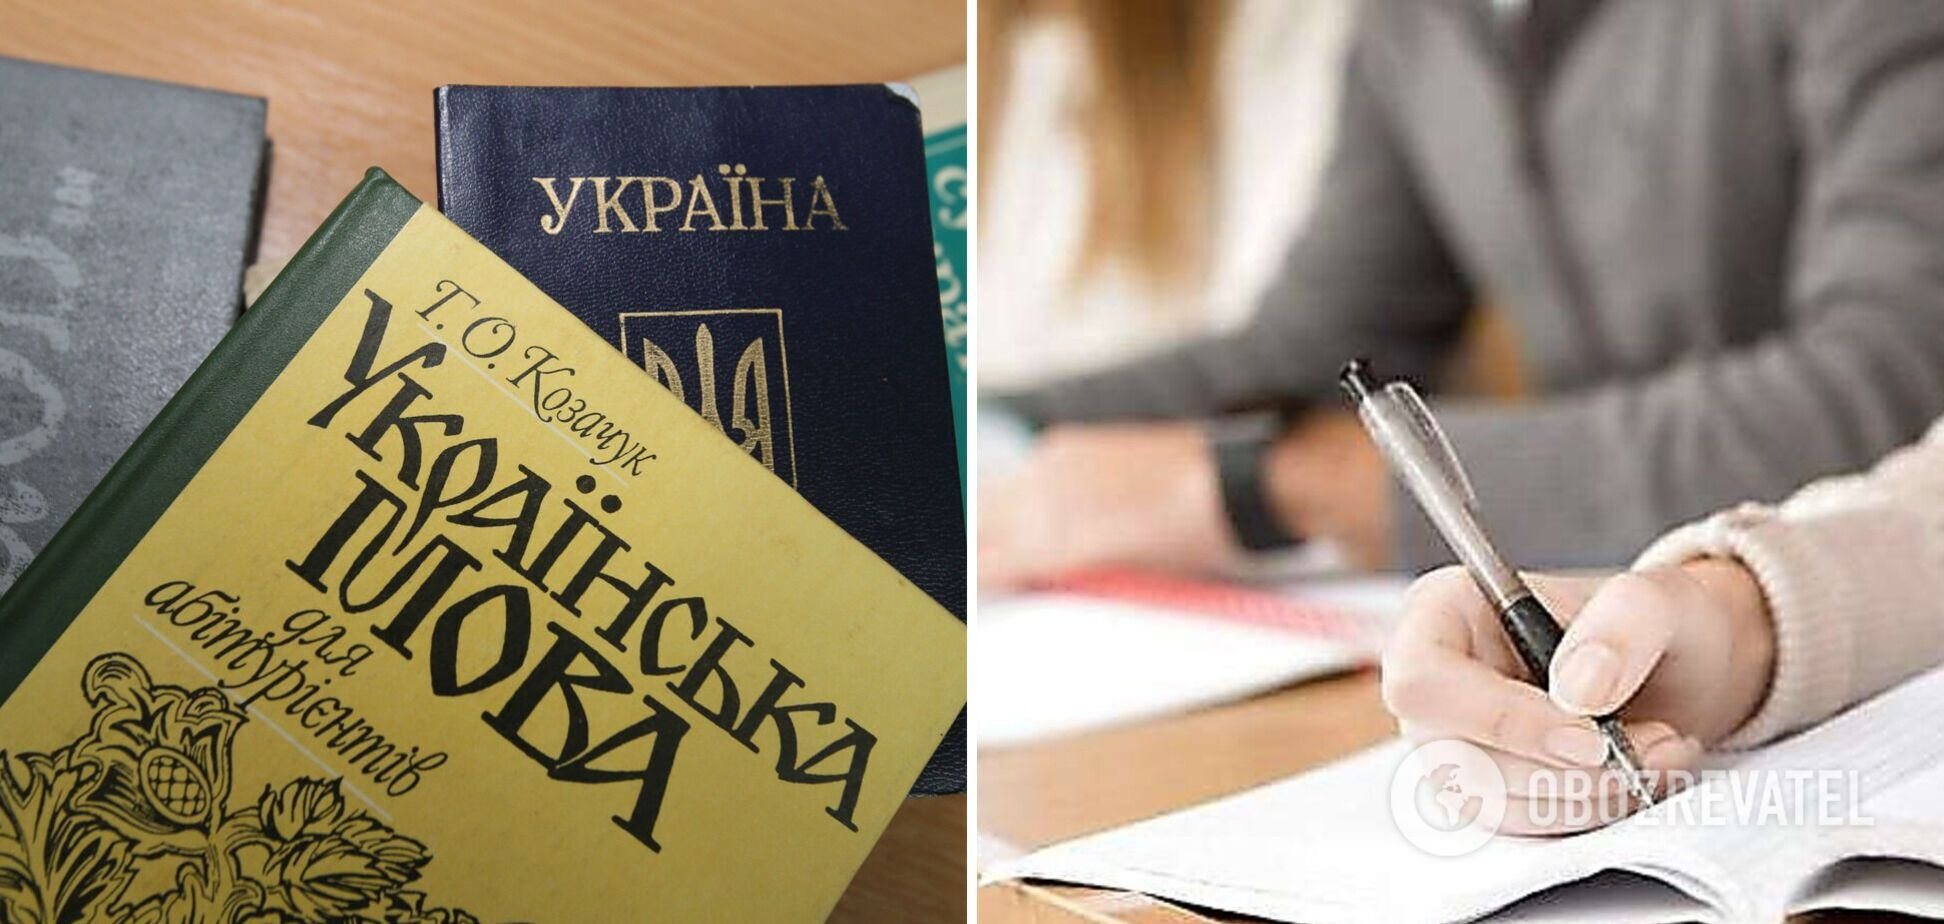 В Україні стартувала перша сесія іспиту щодо володіння державною мовою